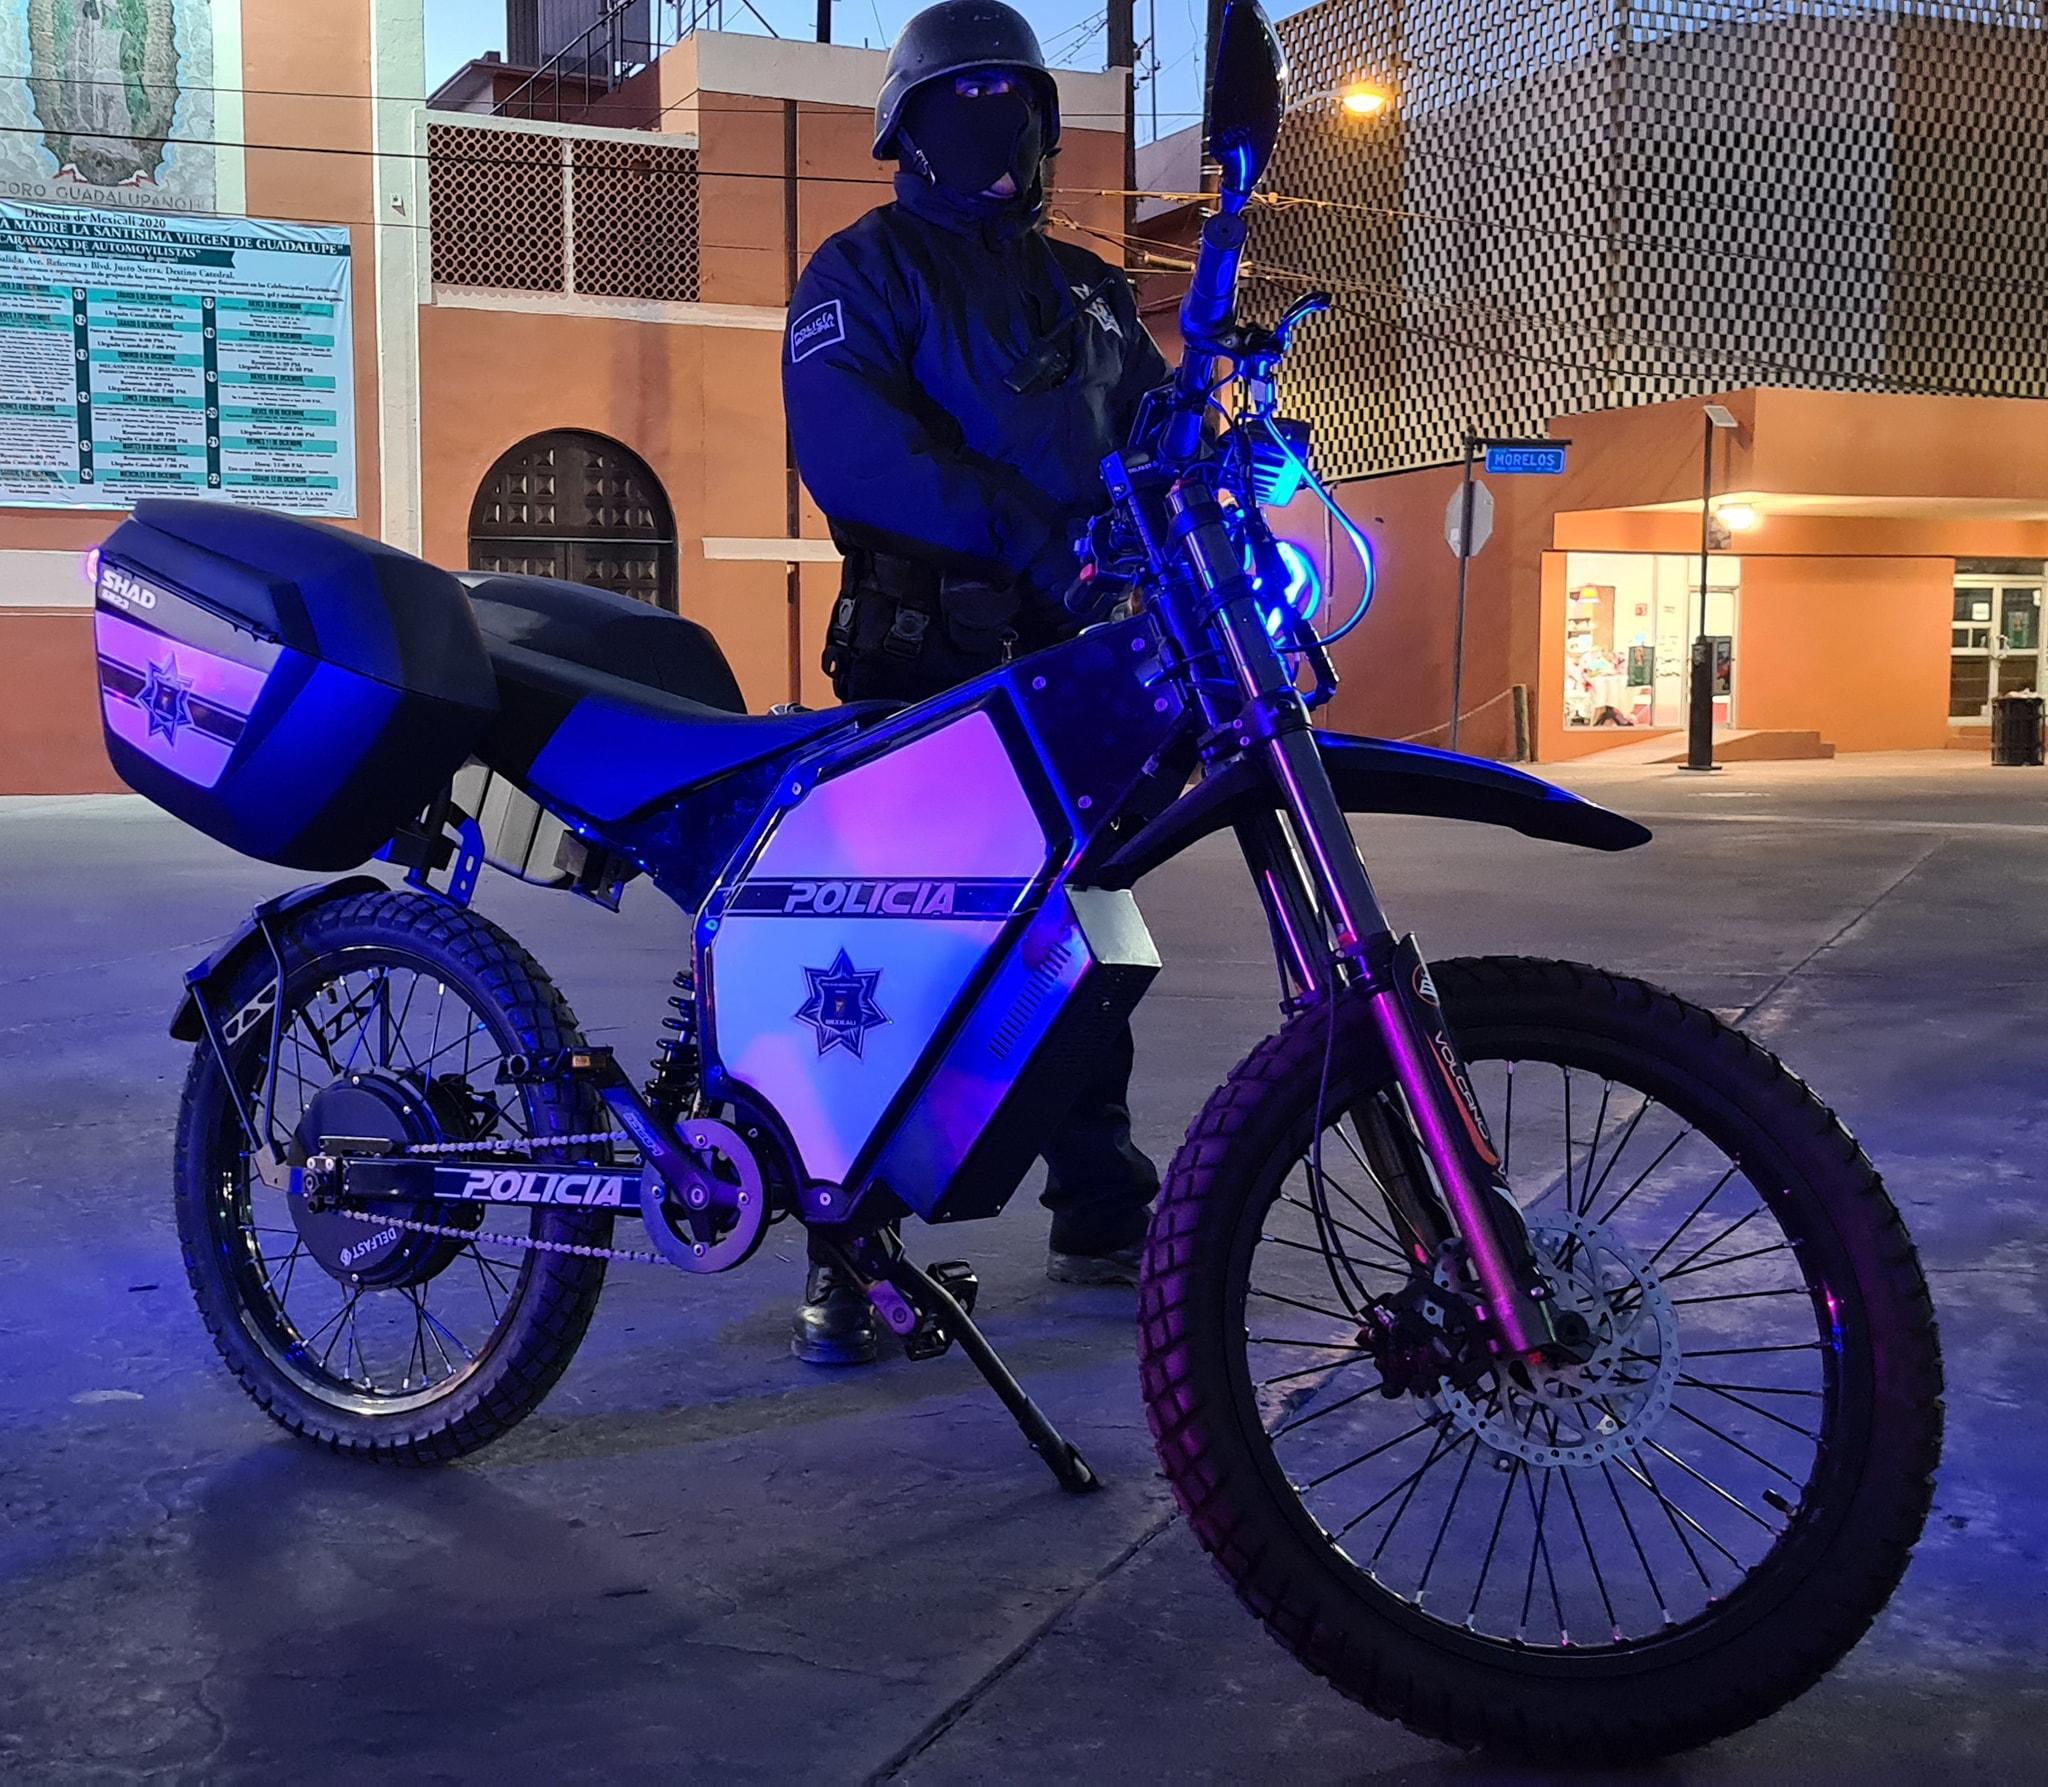 Поліція в Мексиці почала випробування українських електровелосипедів